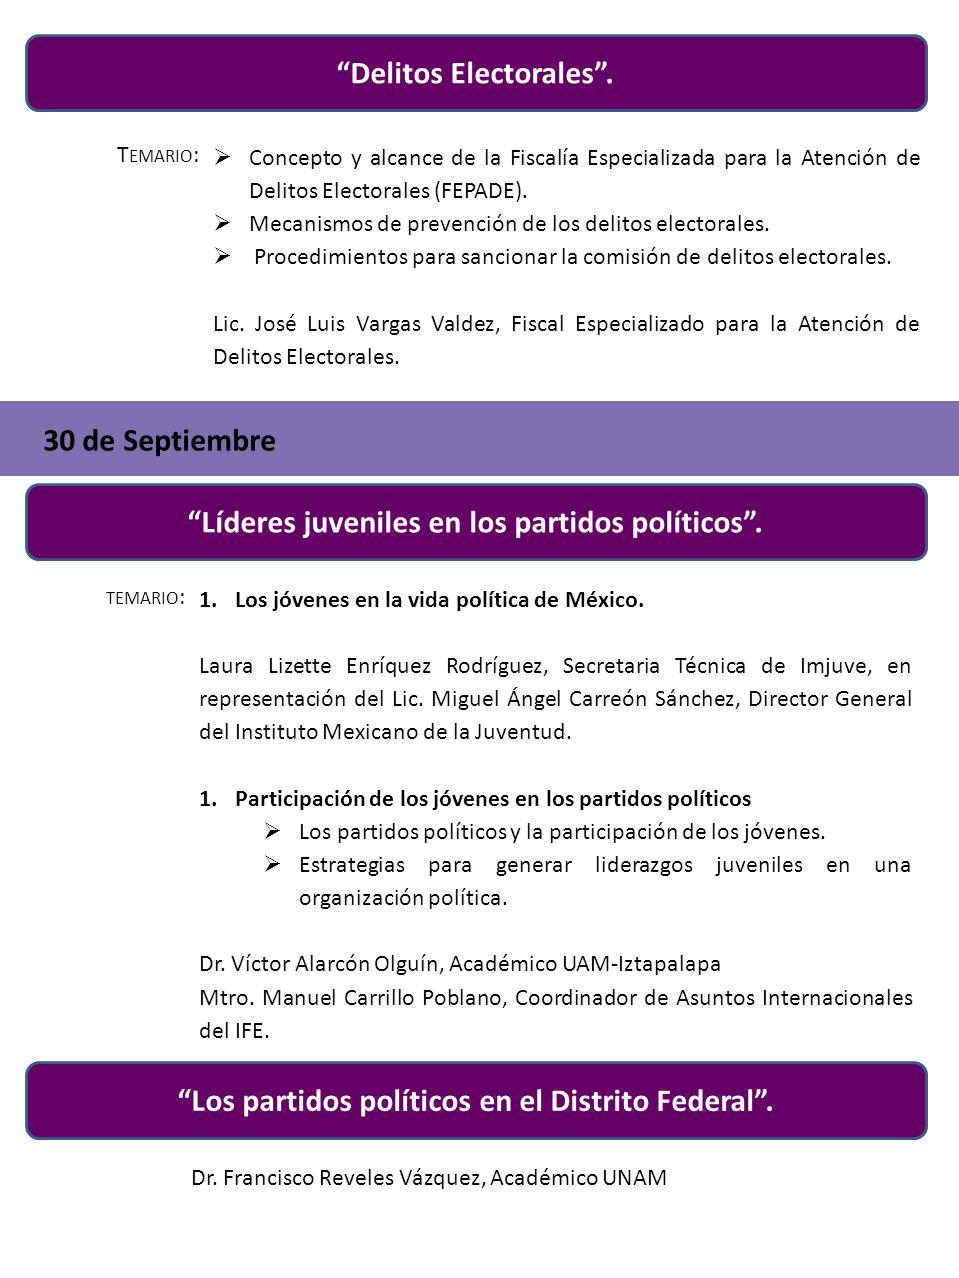 Delitos Electorales. T EMARIO : Concepto y alcance de la Fiscalía Especializada para la Atención de Delitos Electorales (FEPADE). Mecanismos de preven